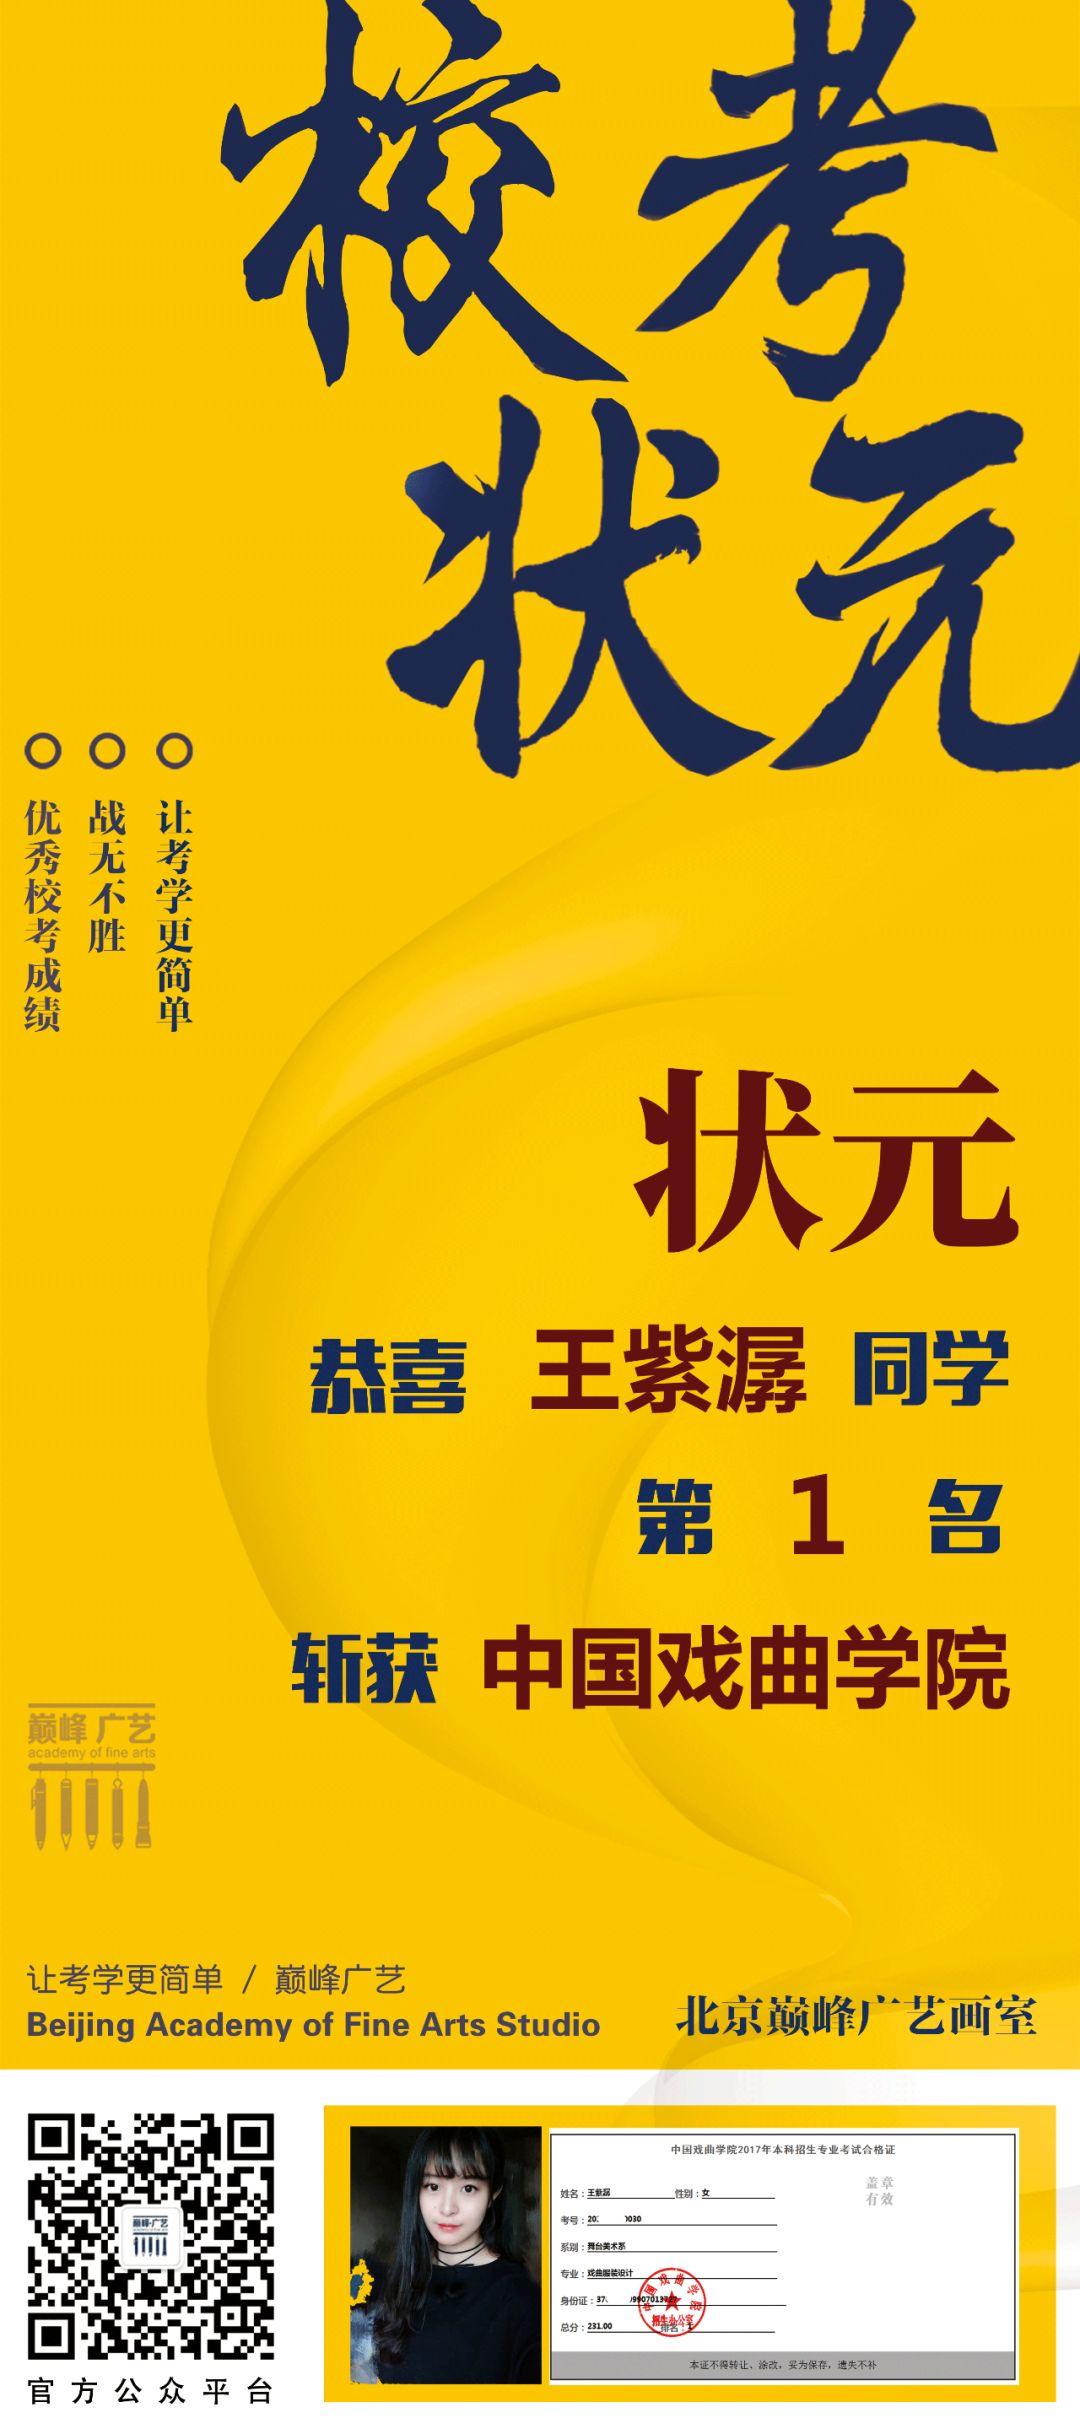 中国传媒大学,北京电影学院,中央戏剧学院,北京巅峰广艺画室       71